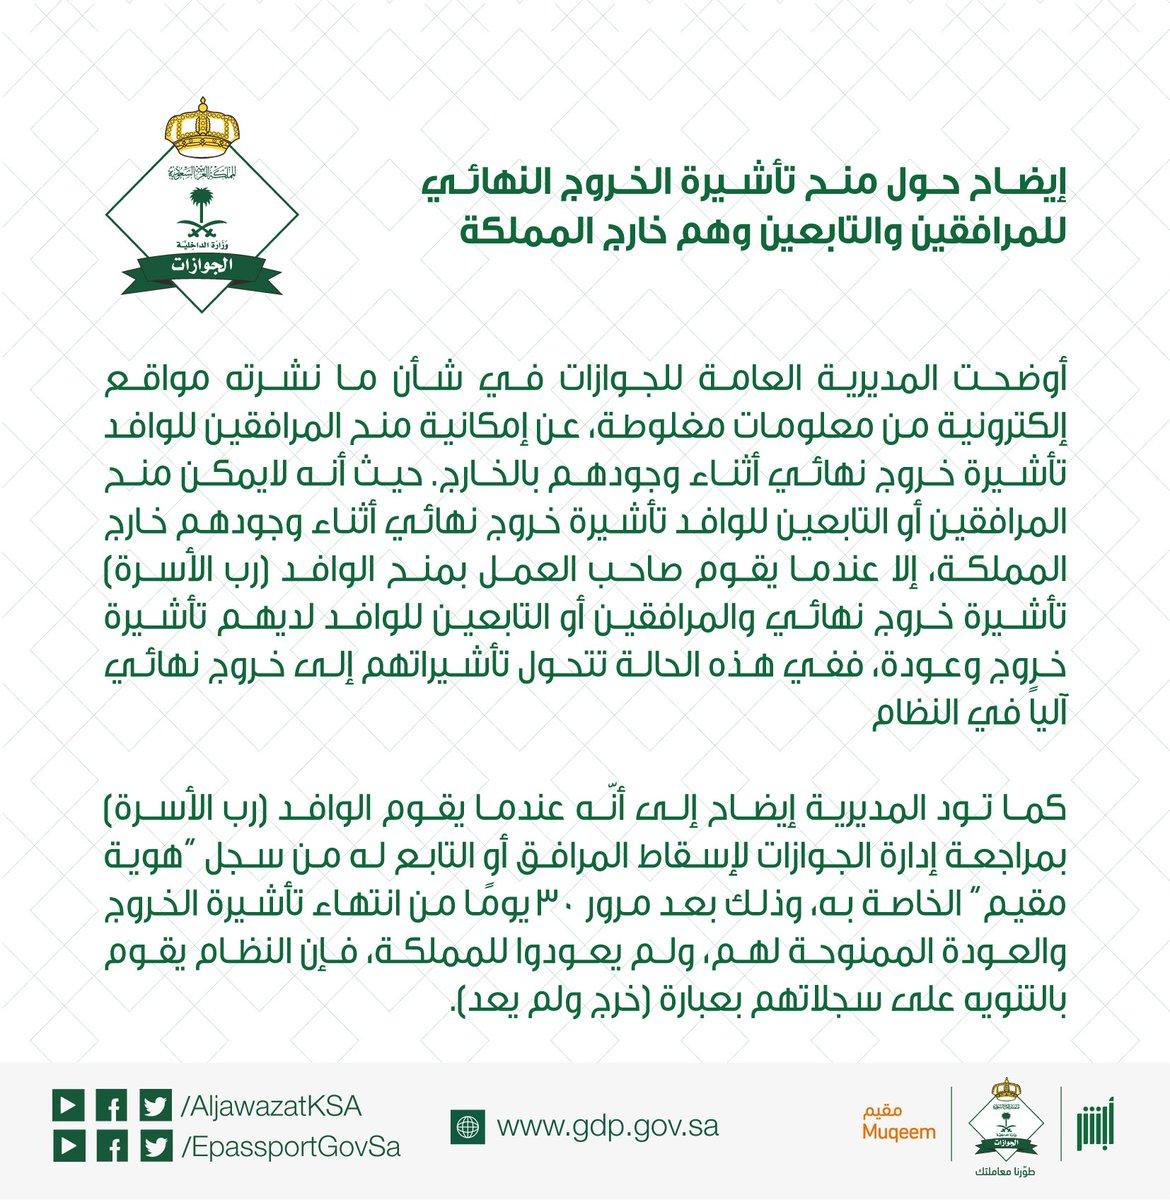 الجوازات السعودية Sur Twitter إيضاح حول منح تأشيرة الخروج النهائي للمرافقين والتابعين وهم خارج المملكة